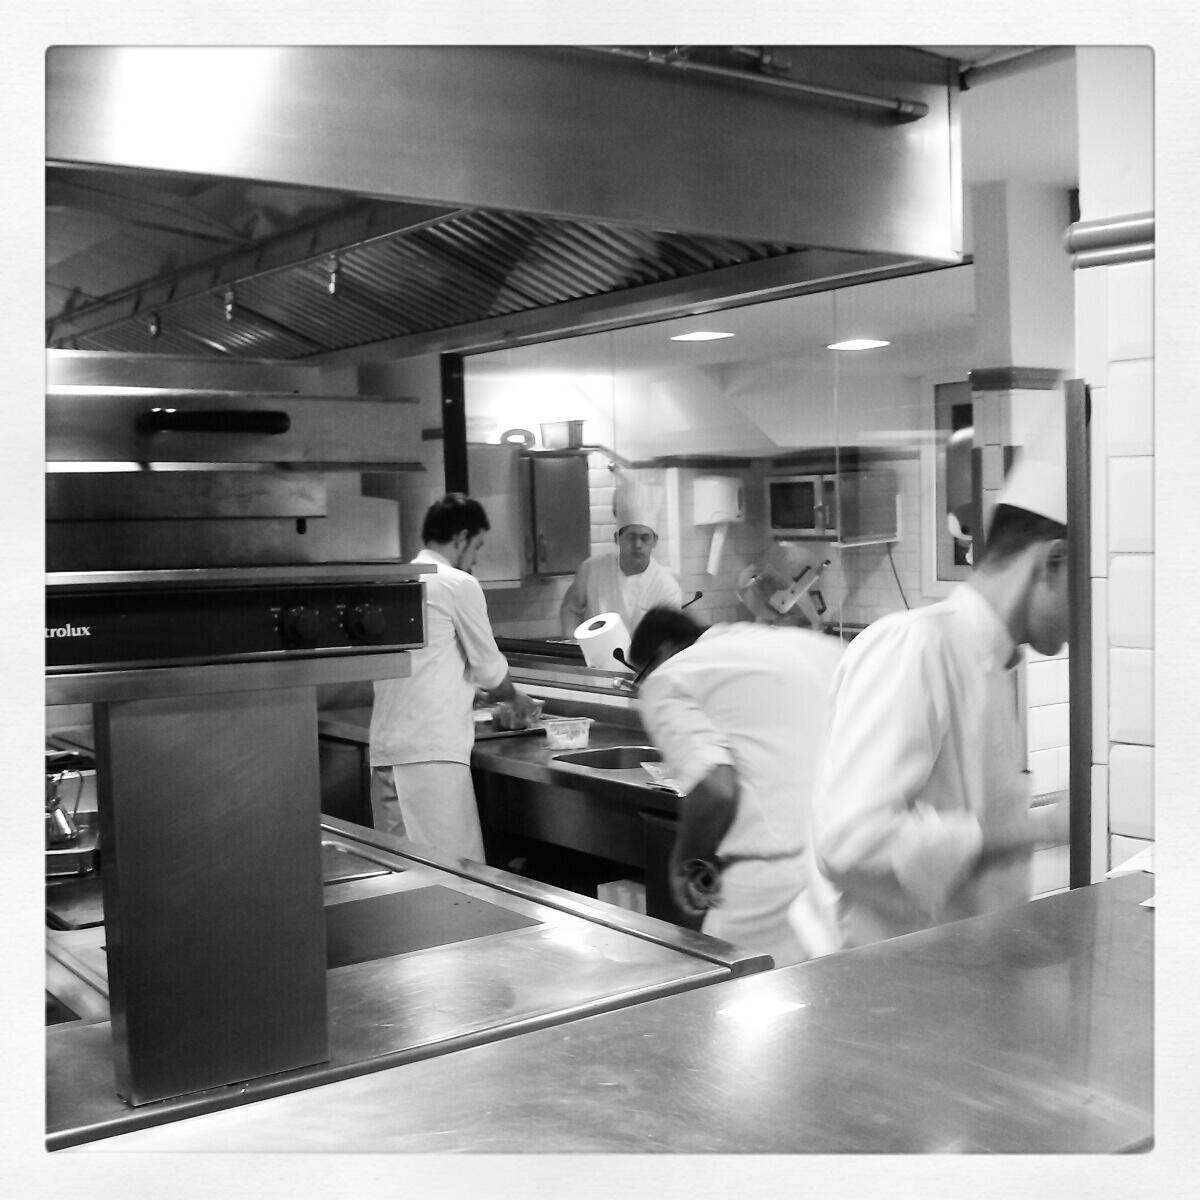 El restaurante de la semana hofmann la cocina de los for La cocina de los valientes